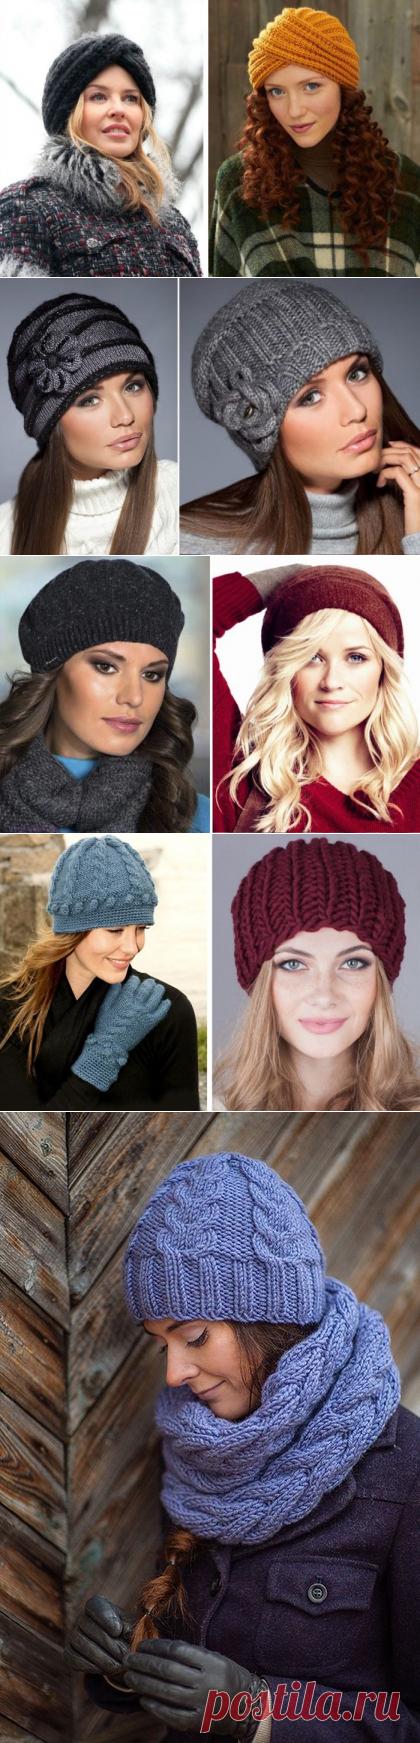 Вязаные шапки для женщин 50 лет - Фото и схемы головных уборов - Видео уроки